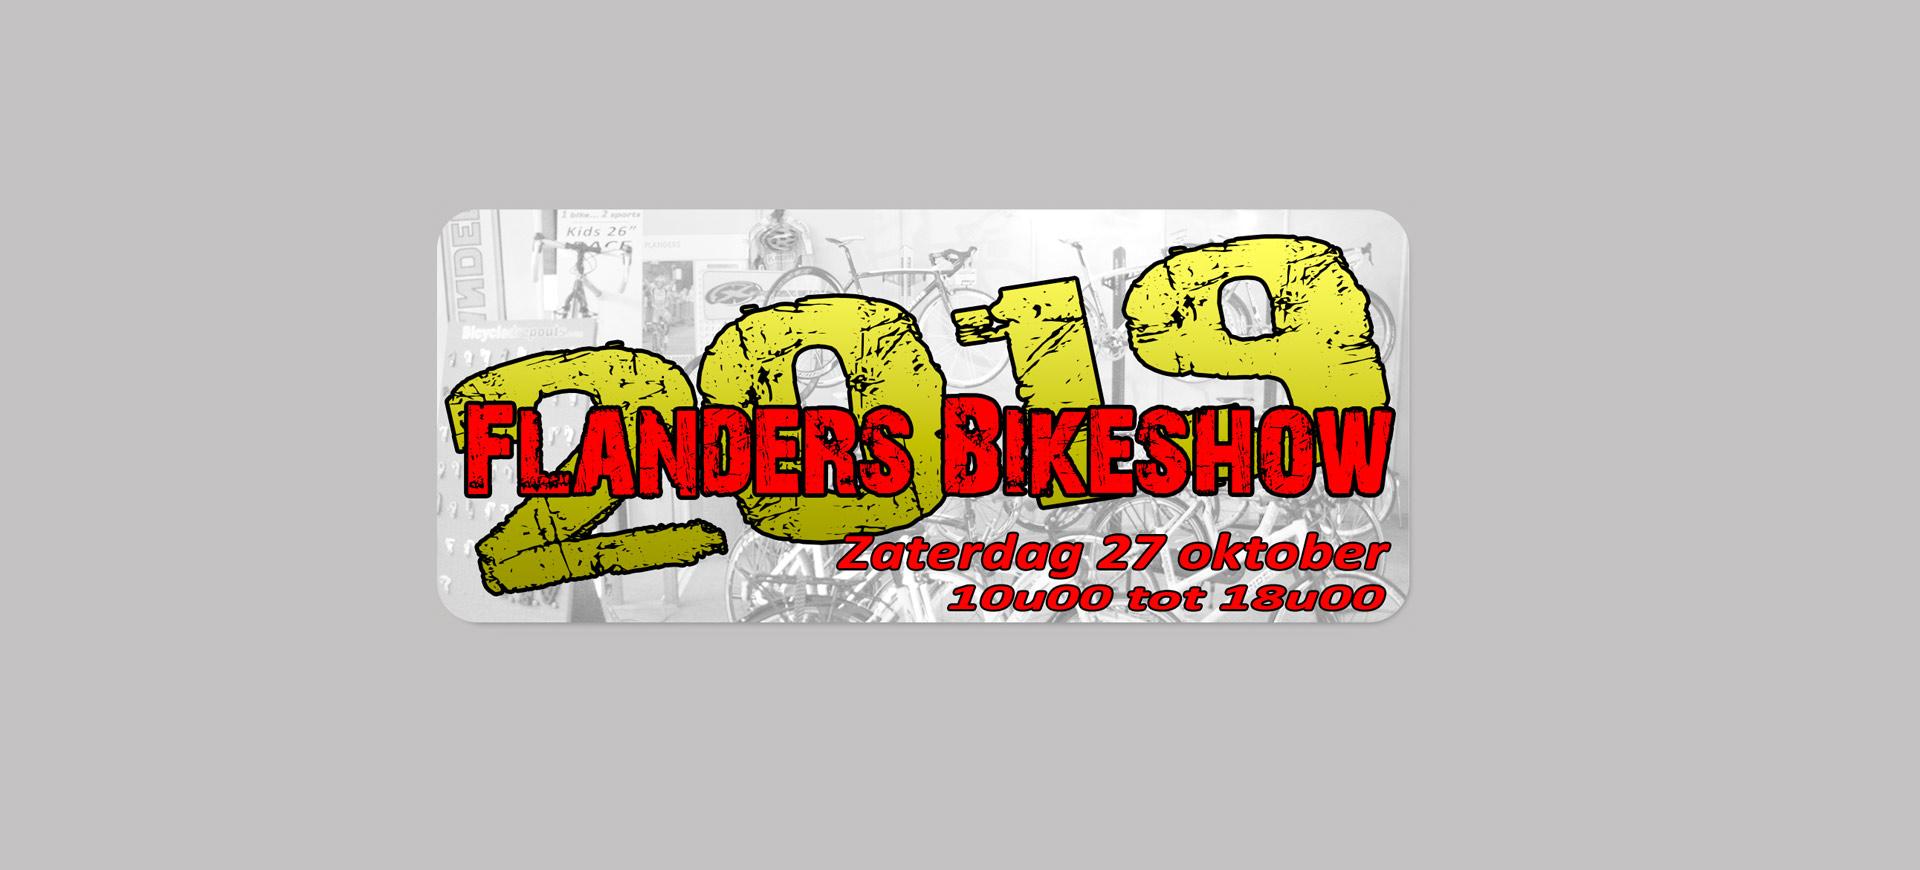 Flanders Bikeshow 2019